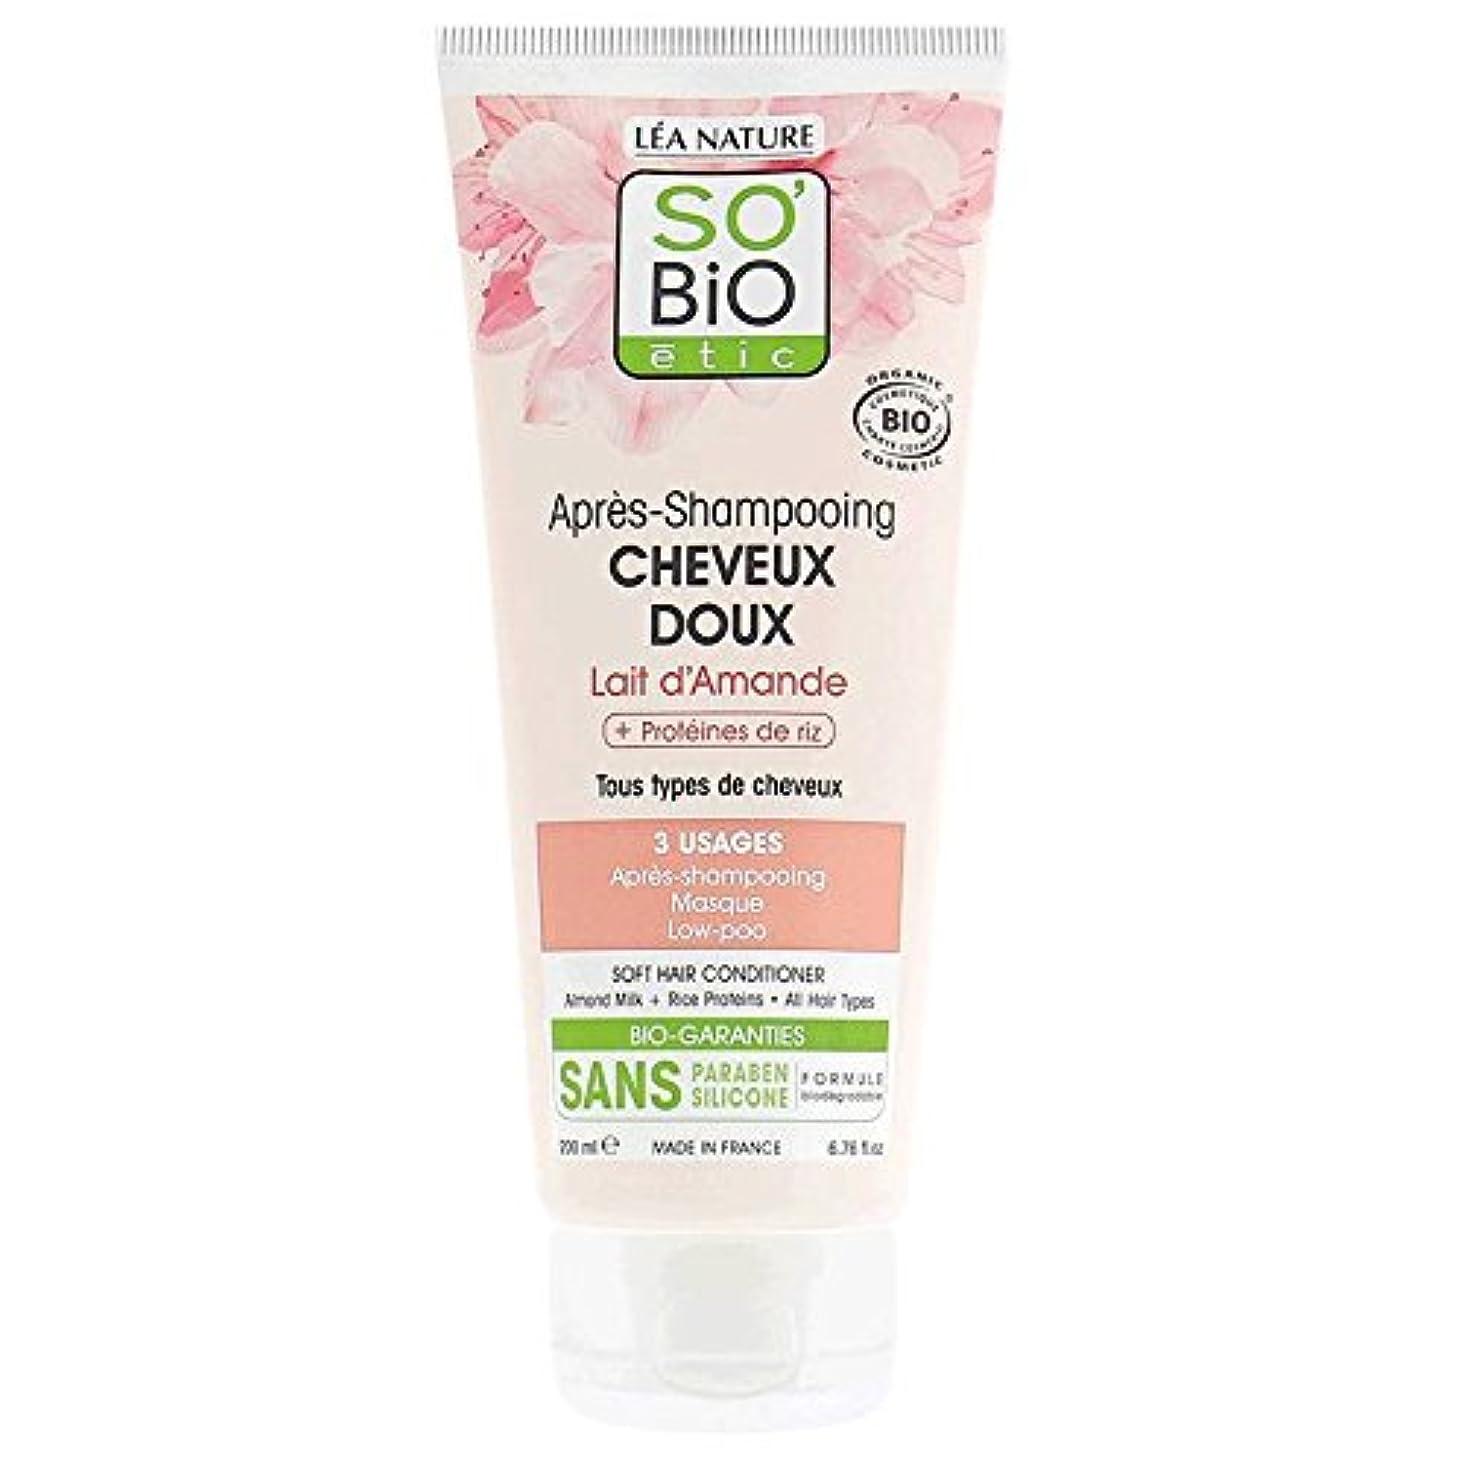 SO 'BIO ETIC - アーモンドミルク&ライスプロテイン入りコンディショナー - すべての髪のタイプに適しています - 保湿 - 髪の扱いやすさを改善します - パラベン&シリコンから無料 - 200 ml